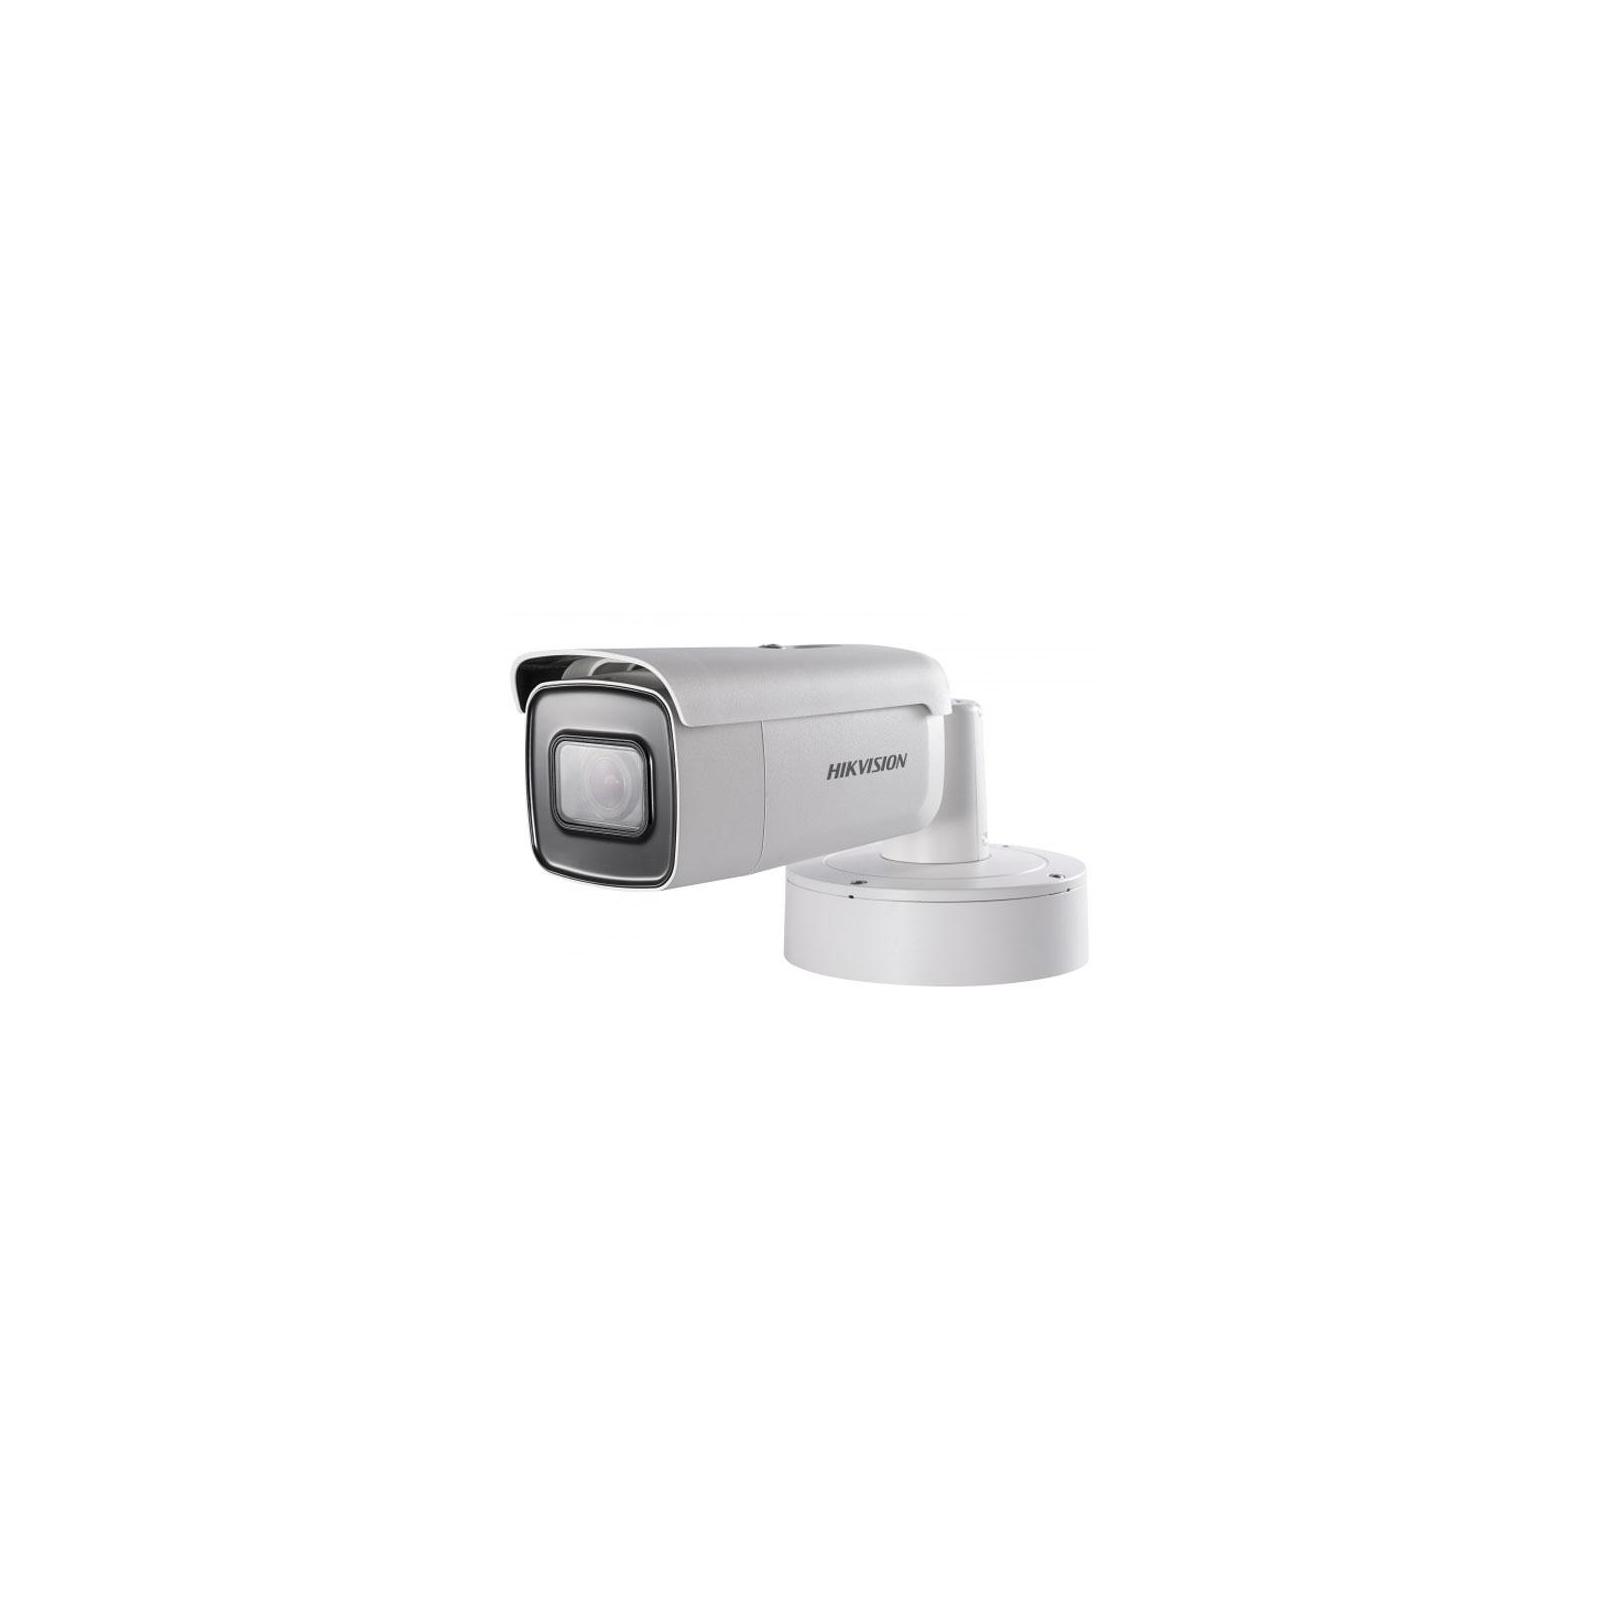 Камера видеонаблюдения Hikvision DS-2CD2655FWD-IZS (2.8-12) изображение 2